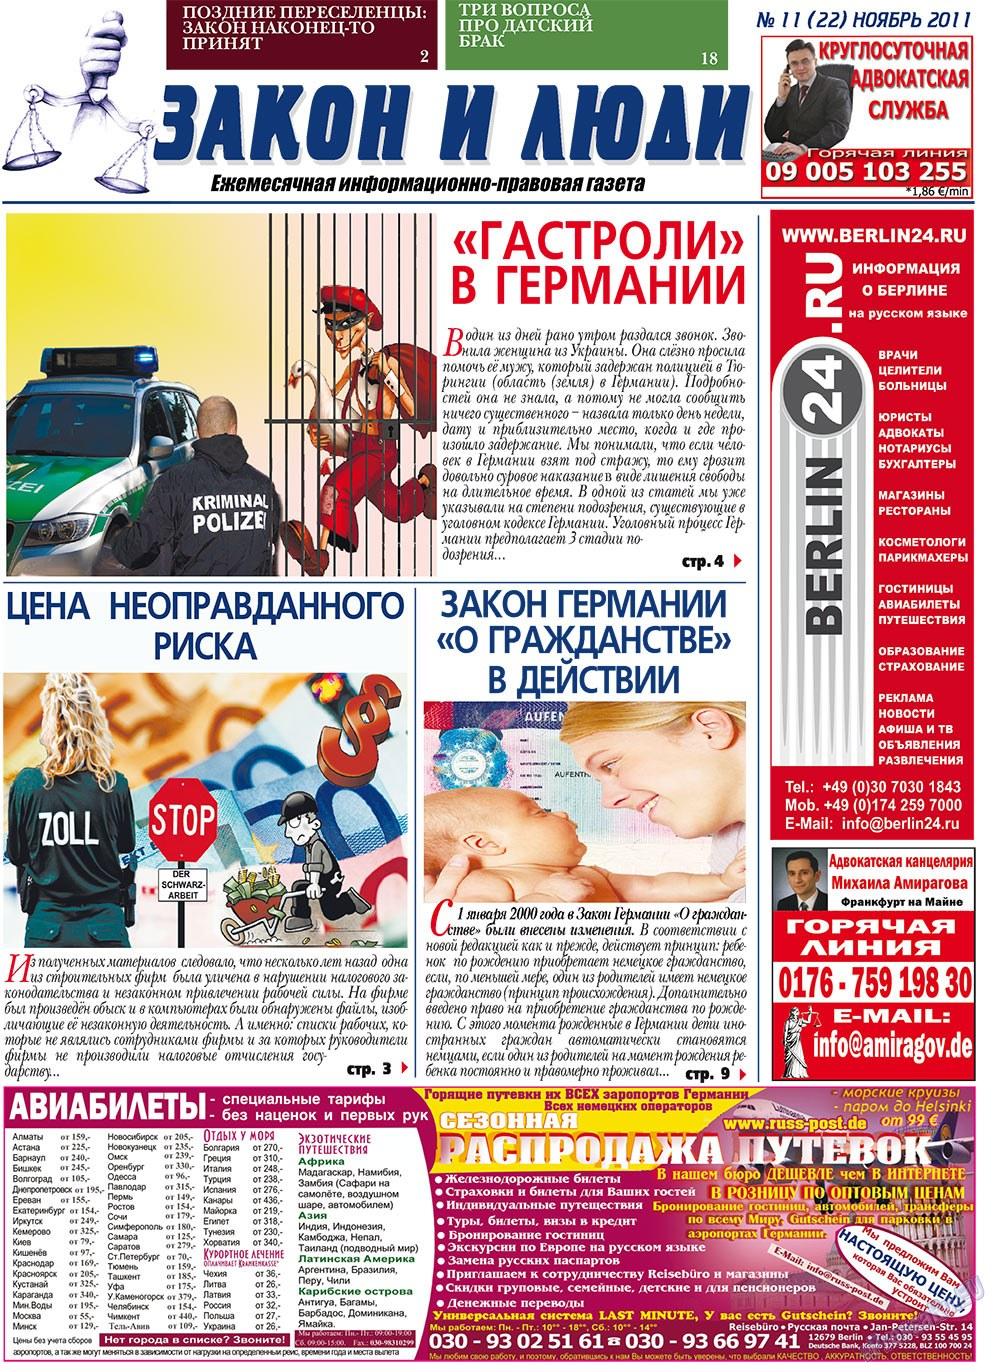 Закон и люди (газета). 2011 год, номер 11, стр. 1